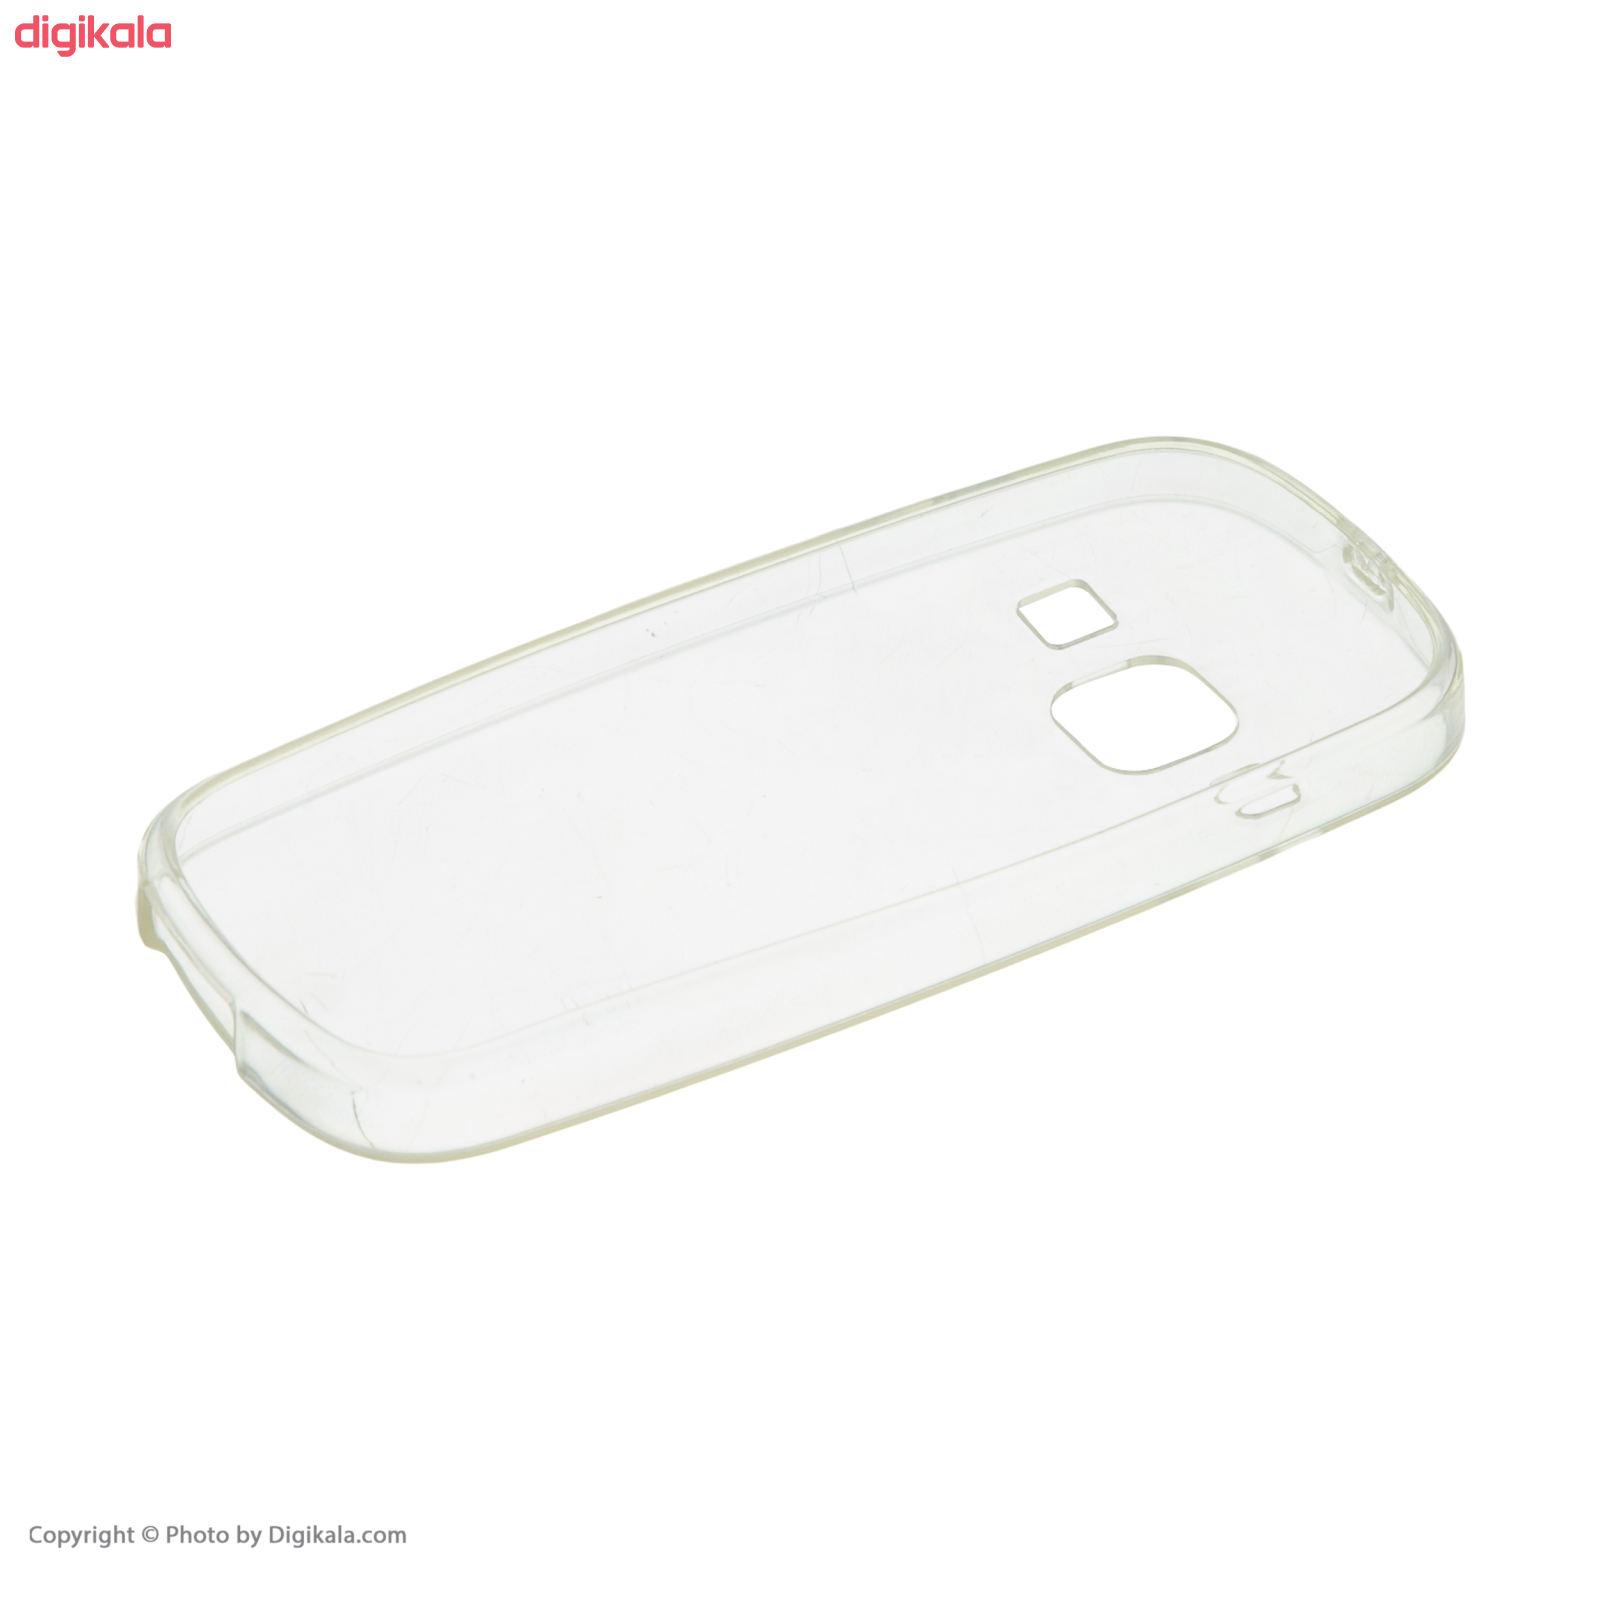 گوشی موبایل هیوندای مدل Seoul K5 دو سیم کارت main 1 9